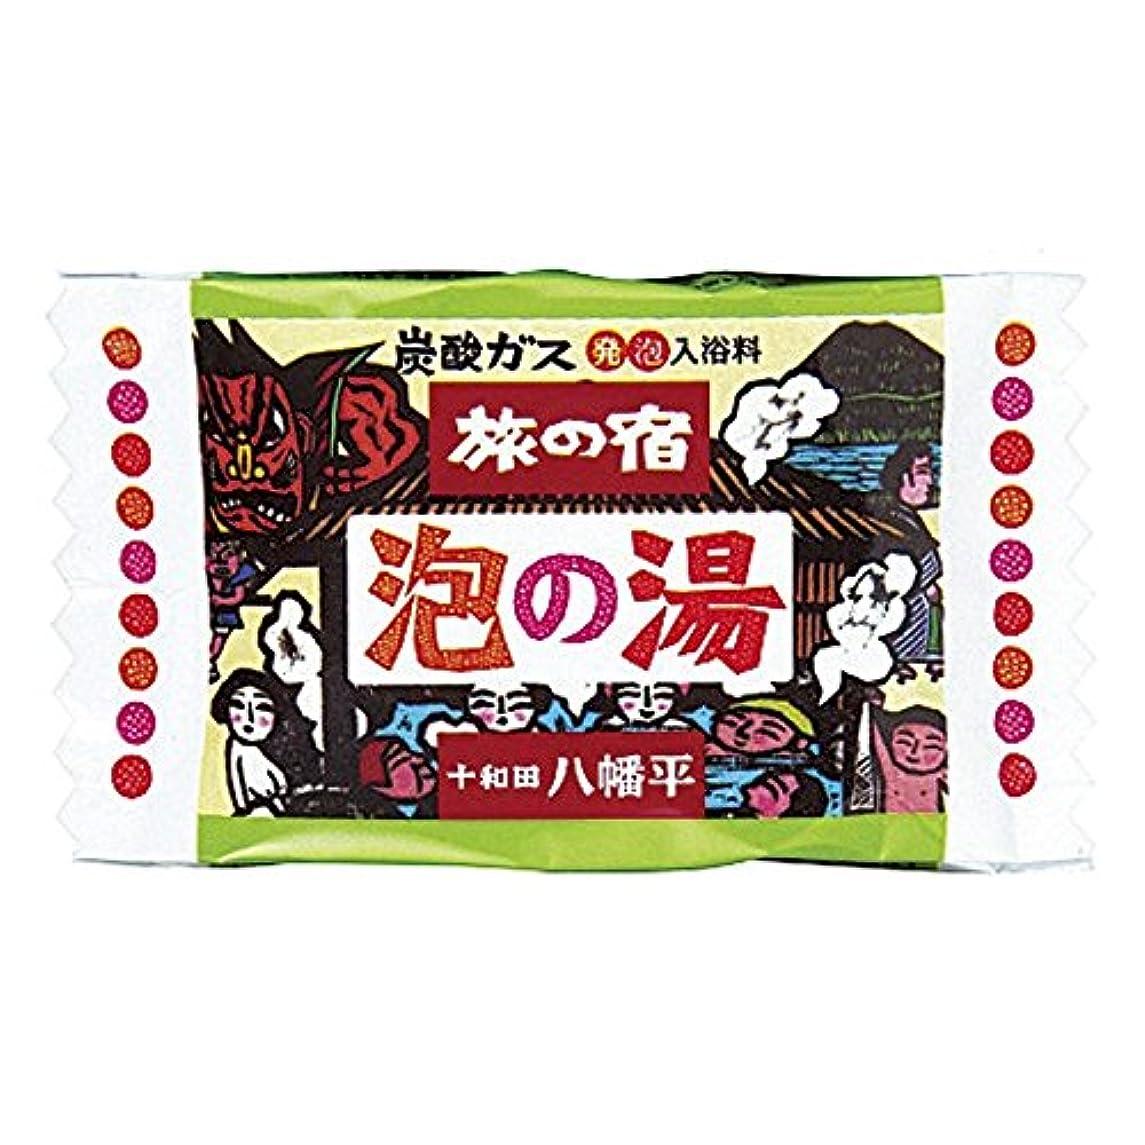 動脈なだめる幻影クラシエ 旅の宿 (泡)1P 十和田八幡平 82439 (B529-05)